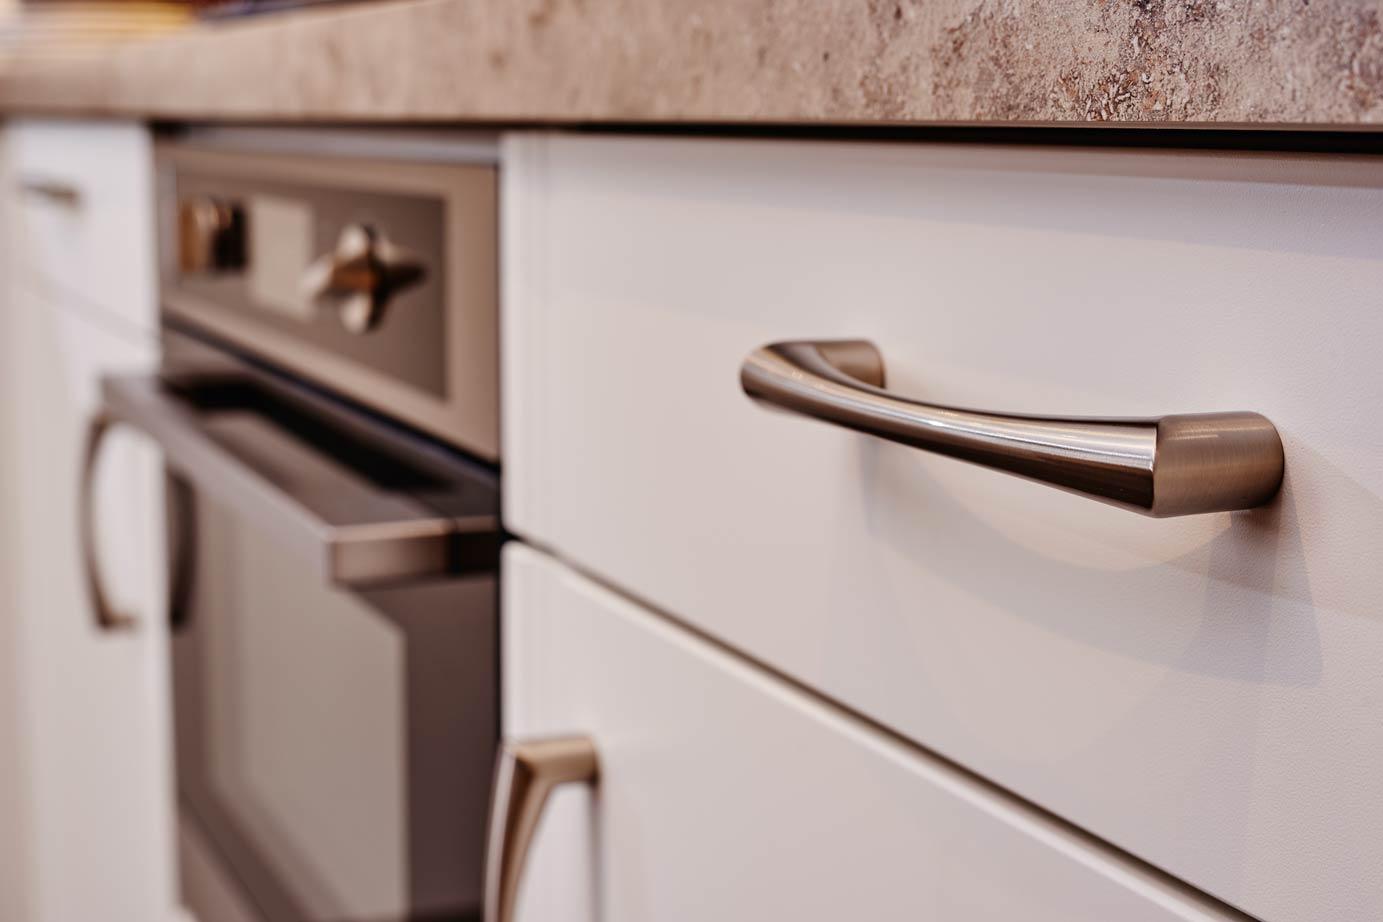 Tijdloze keuken met apparatuur voor lage prijs! DB Keukens